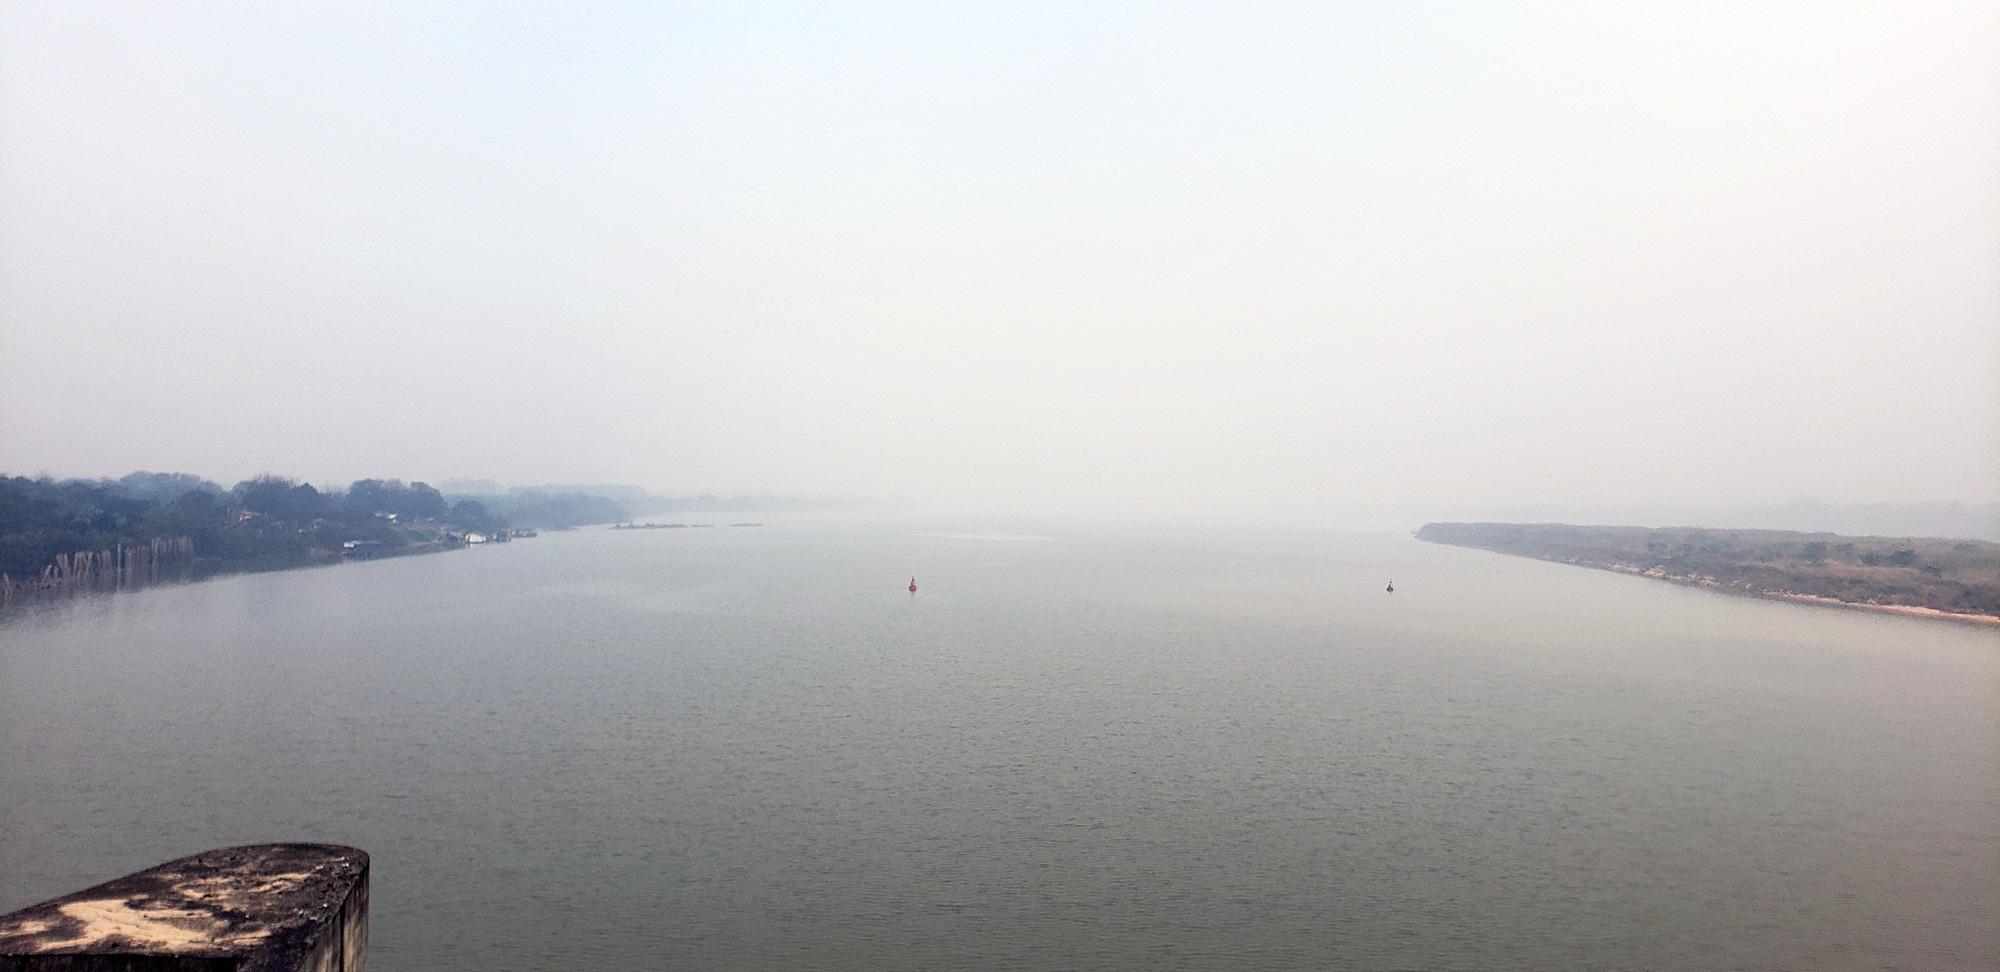 Hà Nội ô nhiễm không khí ở mức cảnh báo tím từ sáng đến chiều - Ảnh 13.